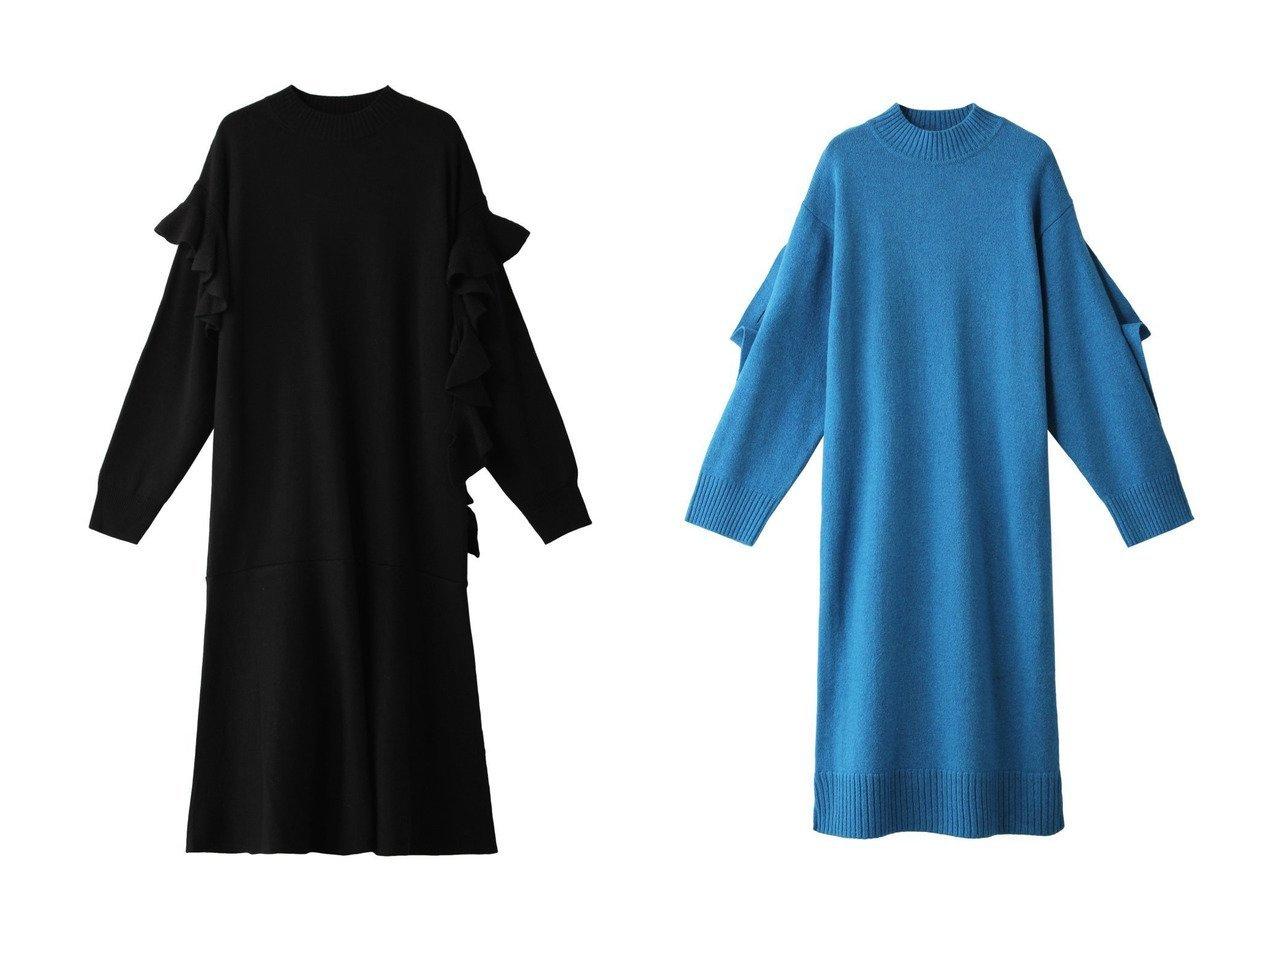 【LE CIEL BLEU/ルシェル ブルー】のフリルテープニットドレス&アシンメトリーニットドレス ワンピース・ドレスのおすすめ!人気、レディースファッションの通販 おすすめで人気のファッション通販商品 インテリア・家具・キッズファッション・メンズファッション・レディースファッション・服の通販 founy(ファニー) https://founy.com/ ファッション Fashion レディース WOMEN ワンピース Dress ドレス Party Dresses コンパクト シンプル ドレス フリル ロング |ID:crp329100000001801